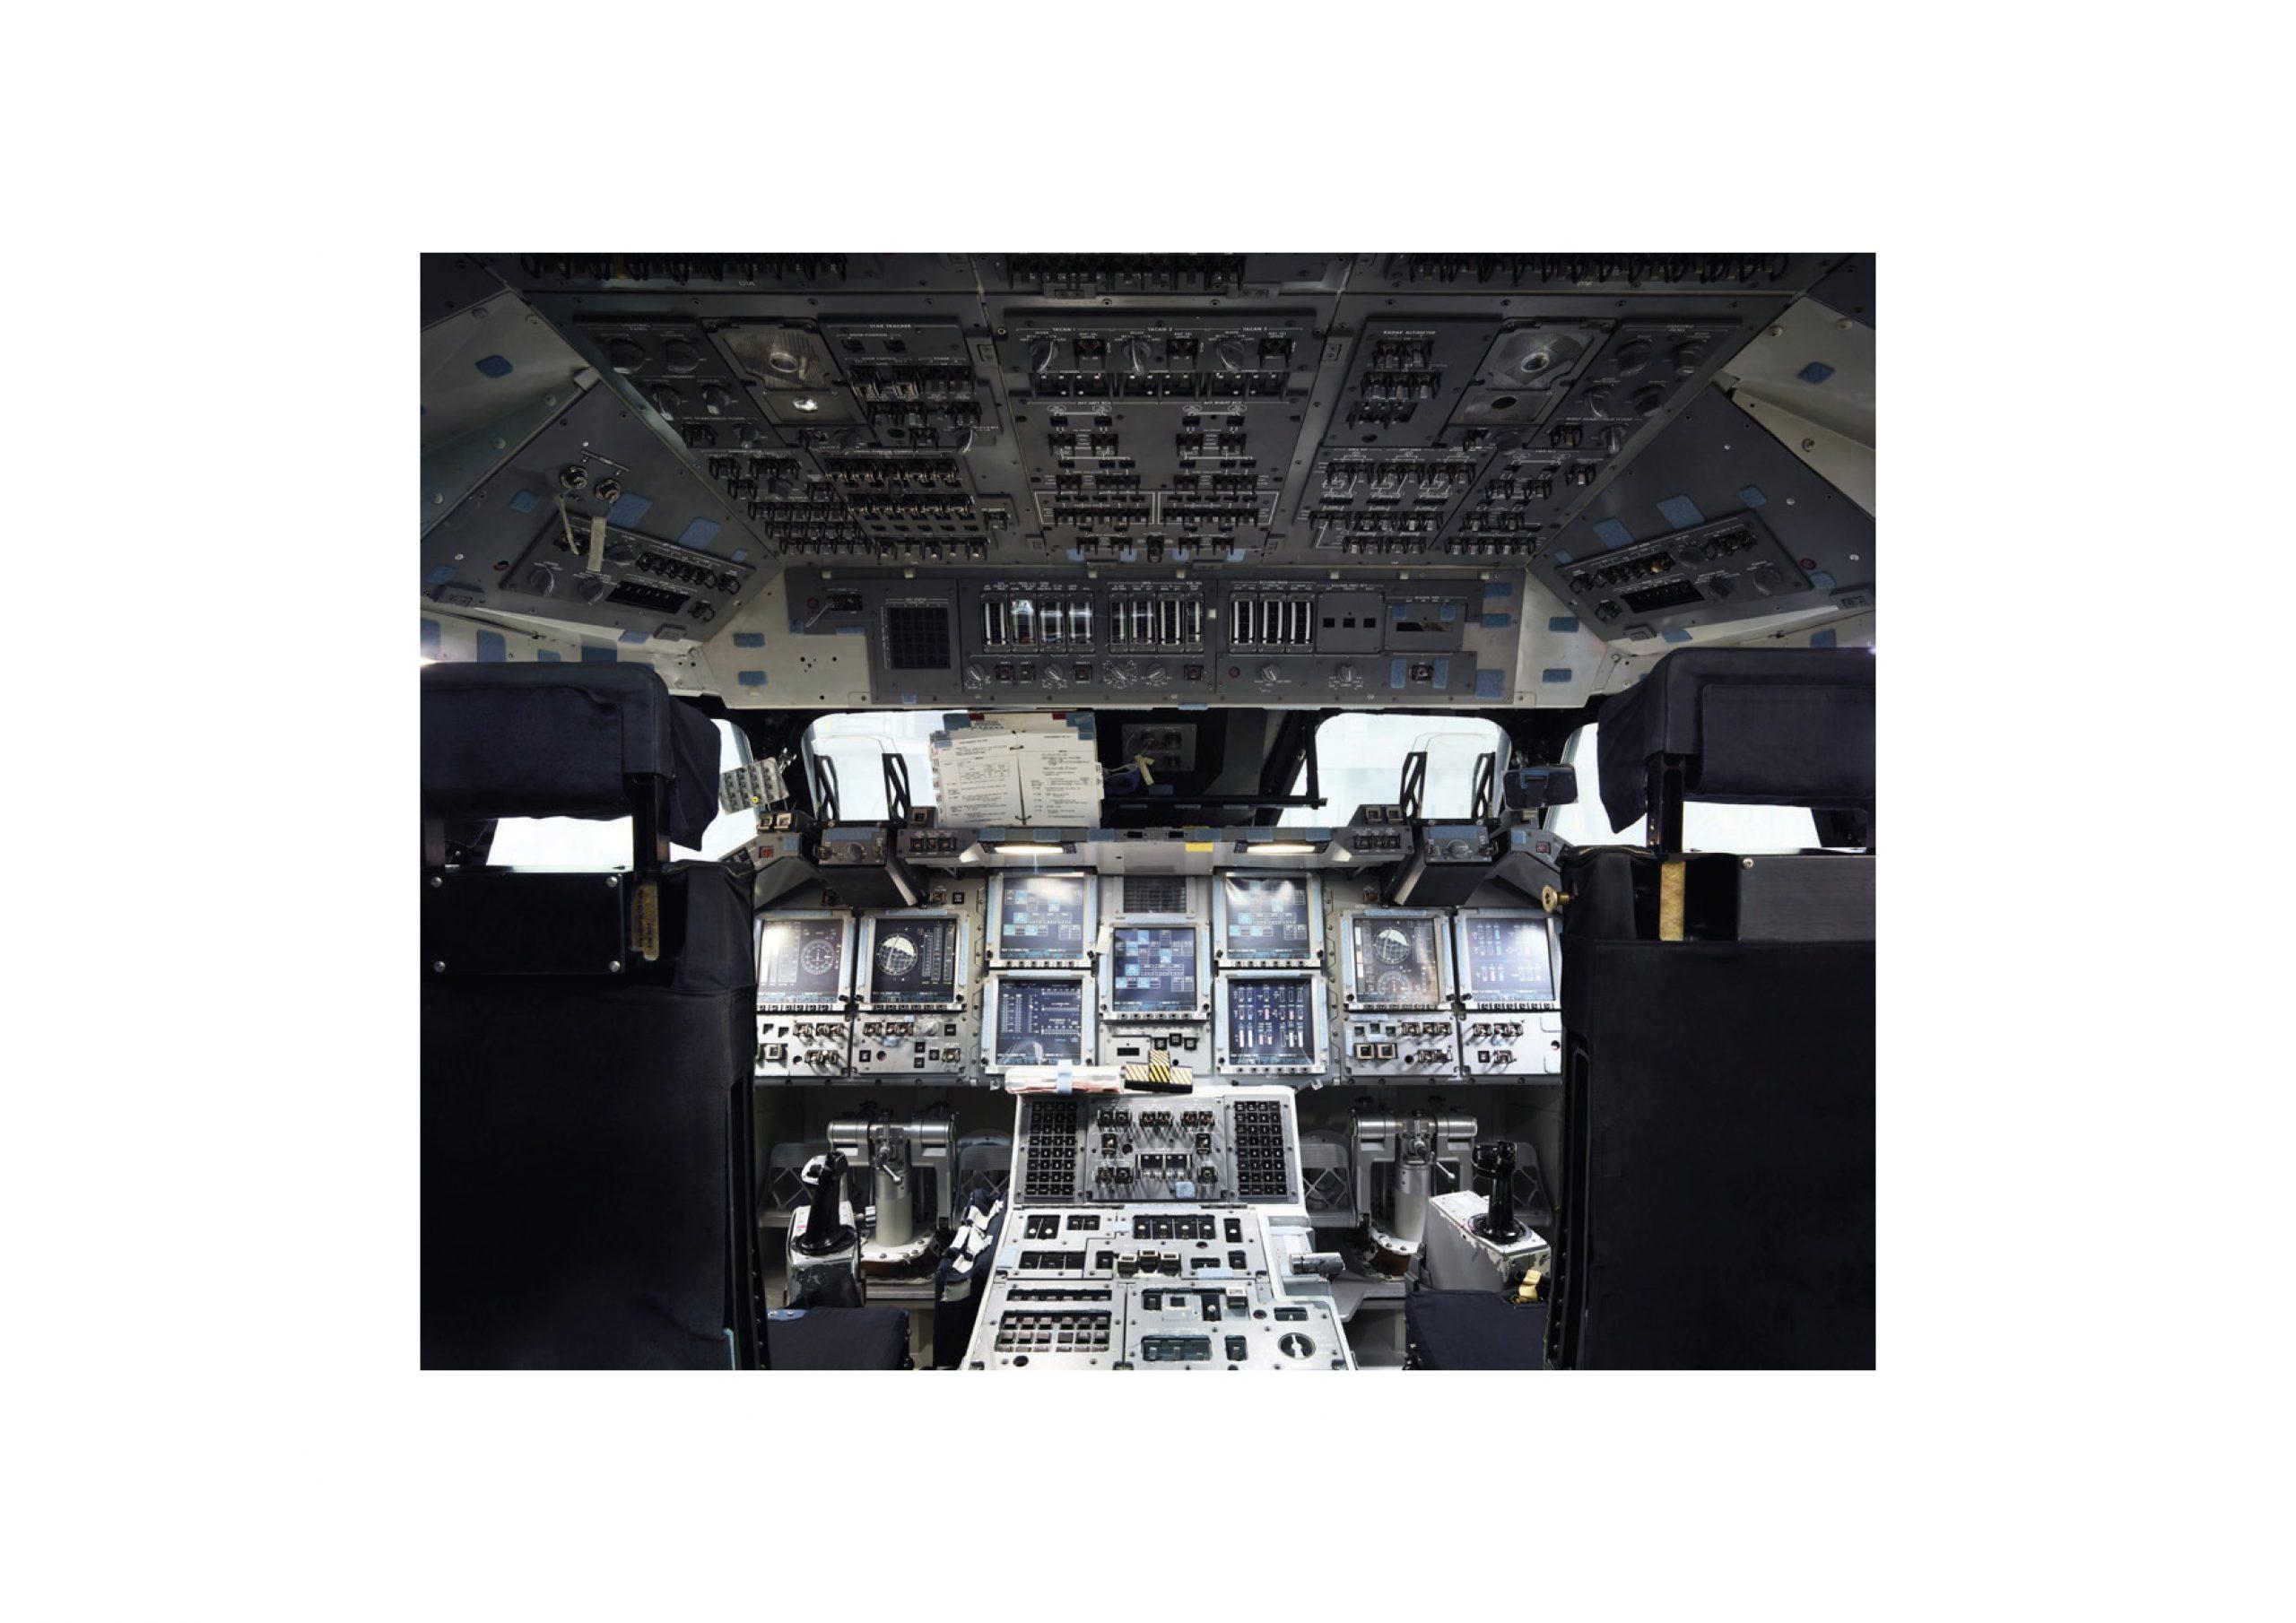 NASA_02